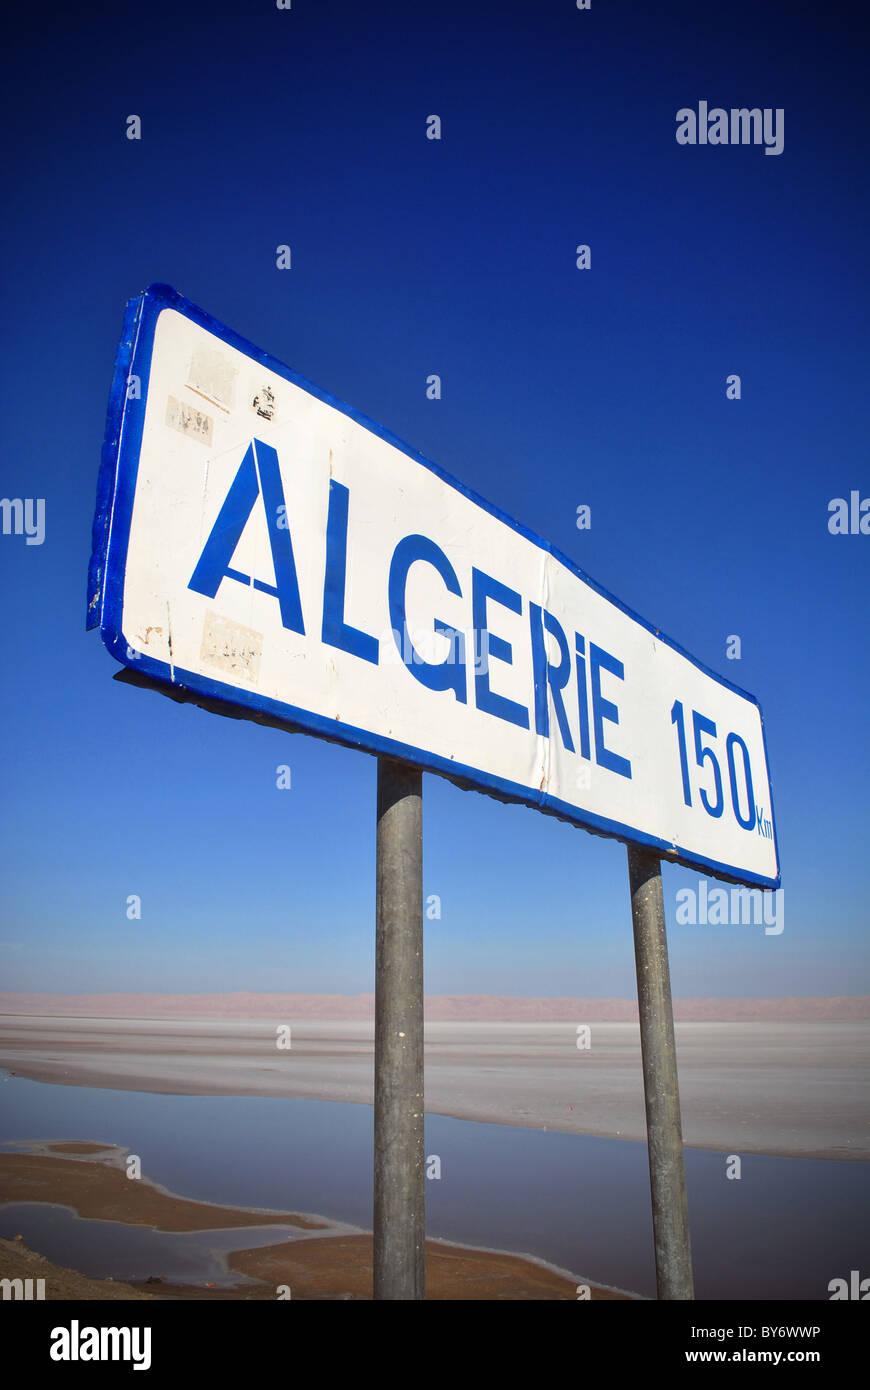 Un roadsign en el camino de Argelia, cerca de Tozeur, Túnez Imagen De Stock